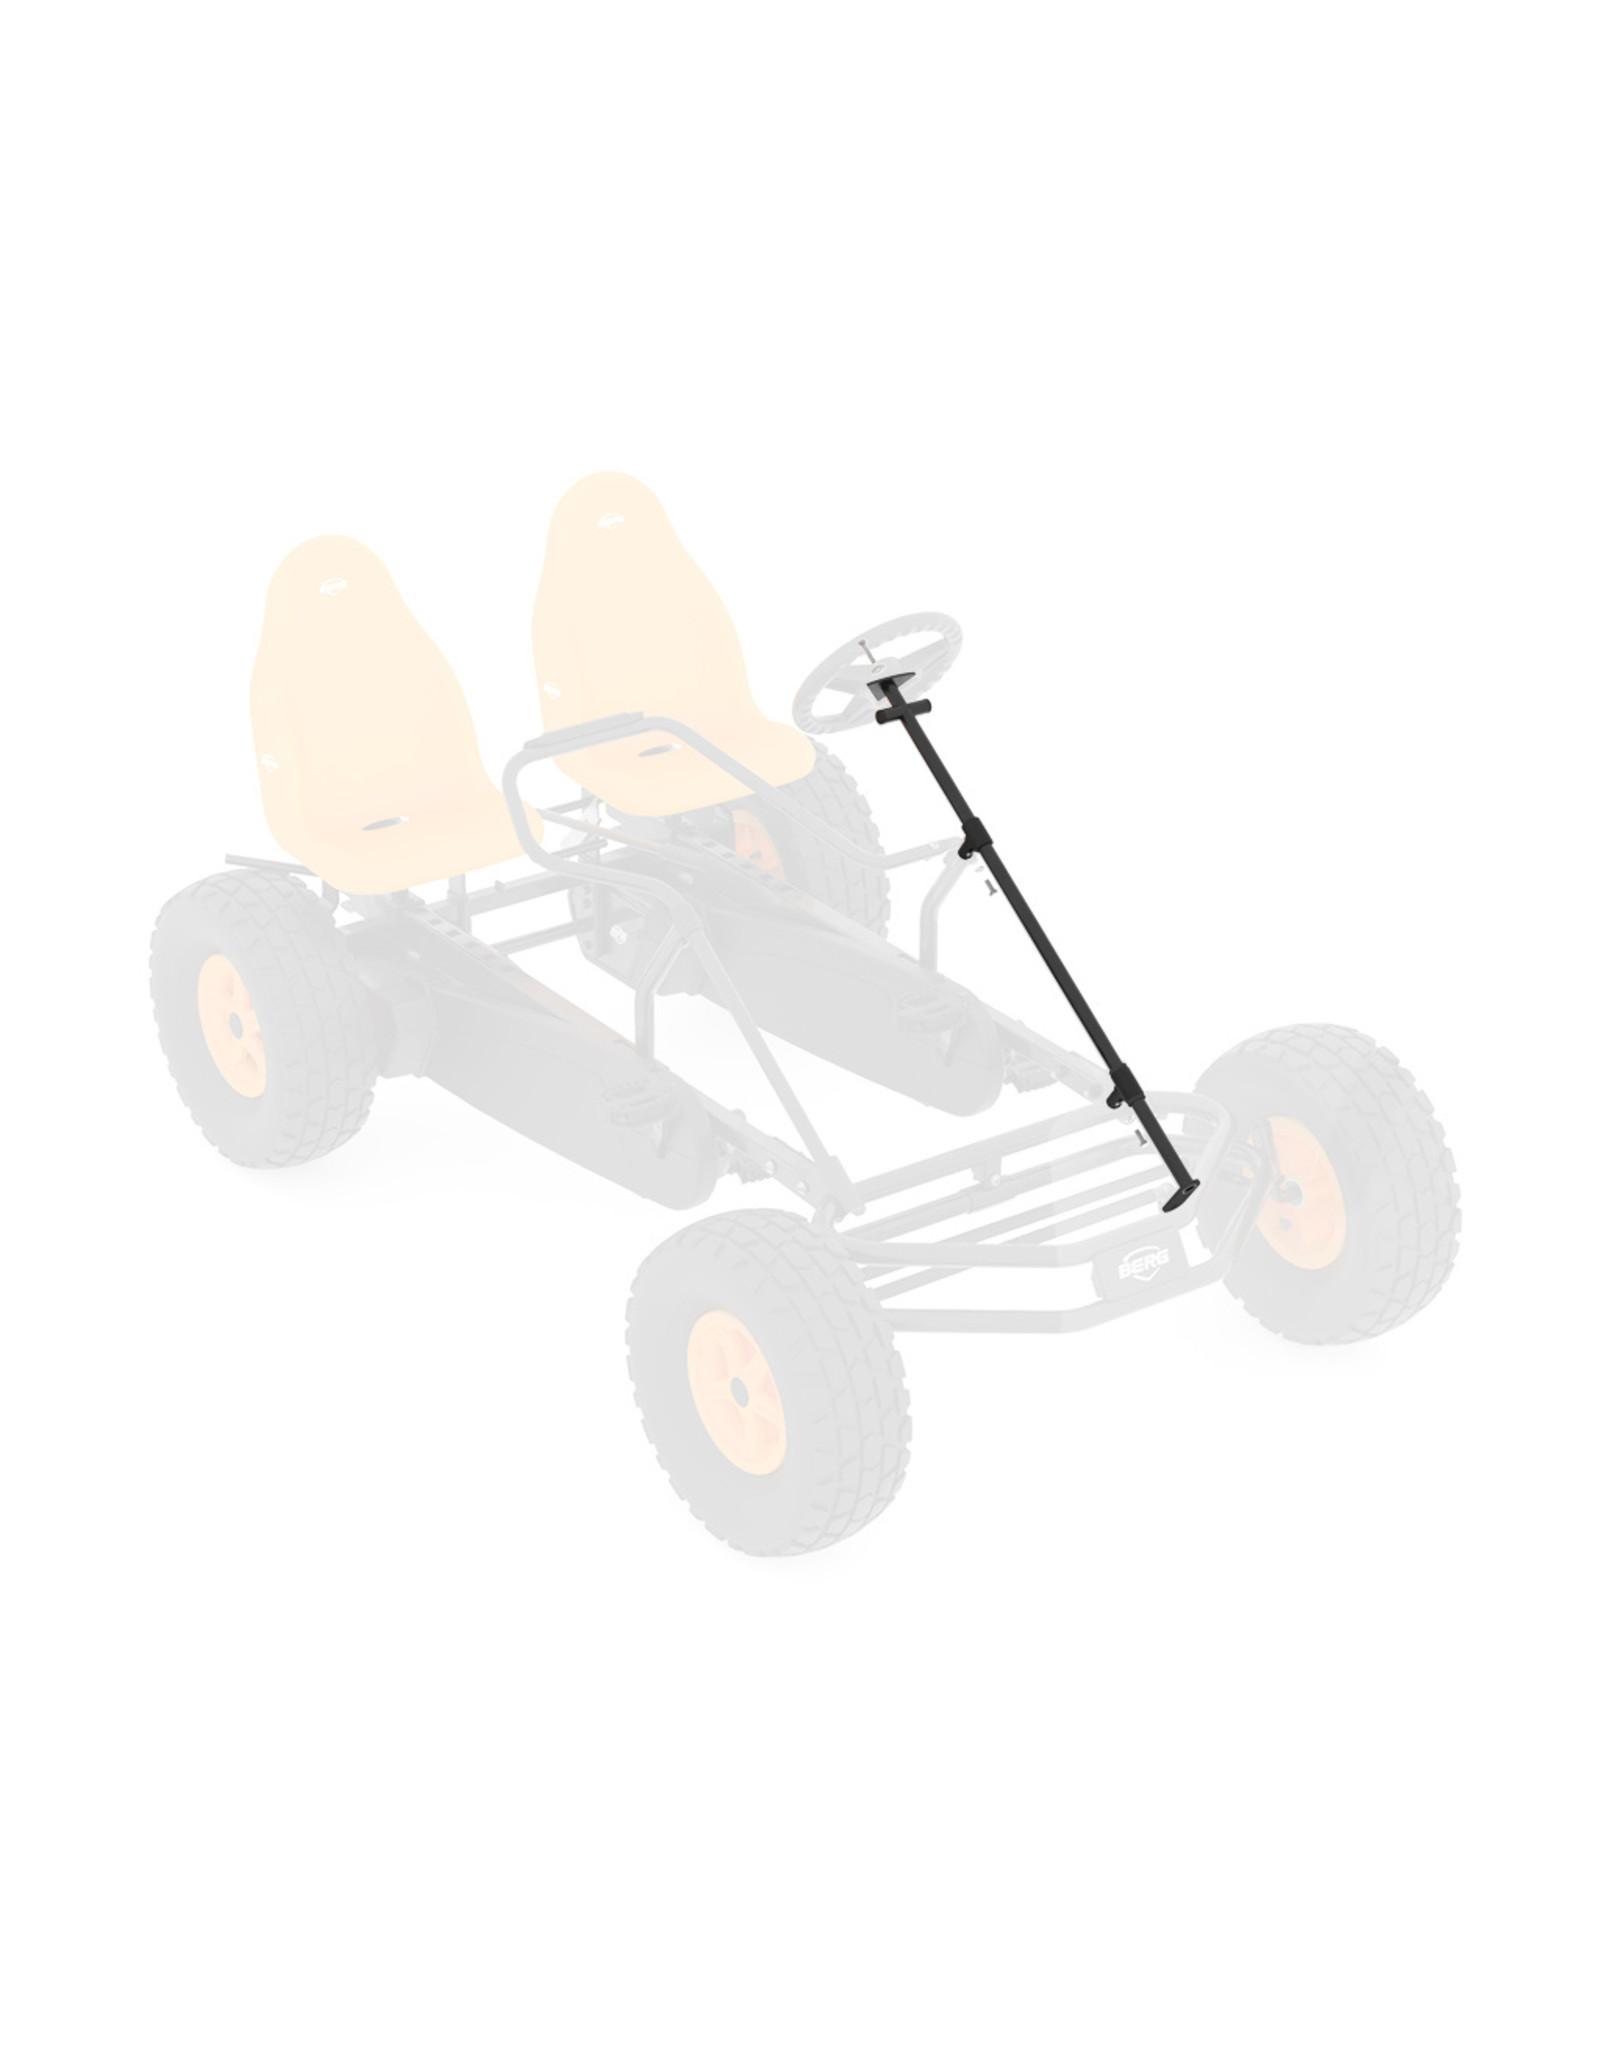 BERG Duo Coaster - Stuurbuis